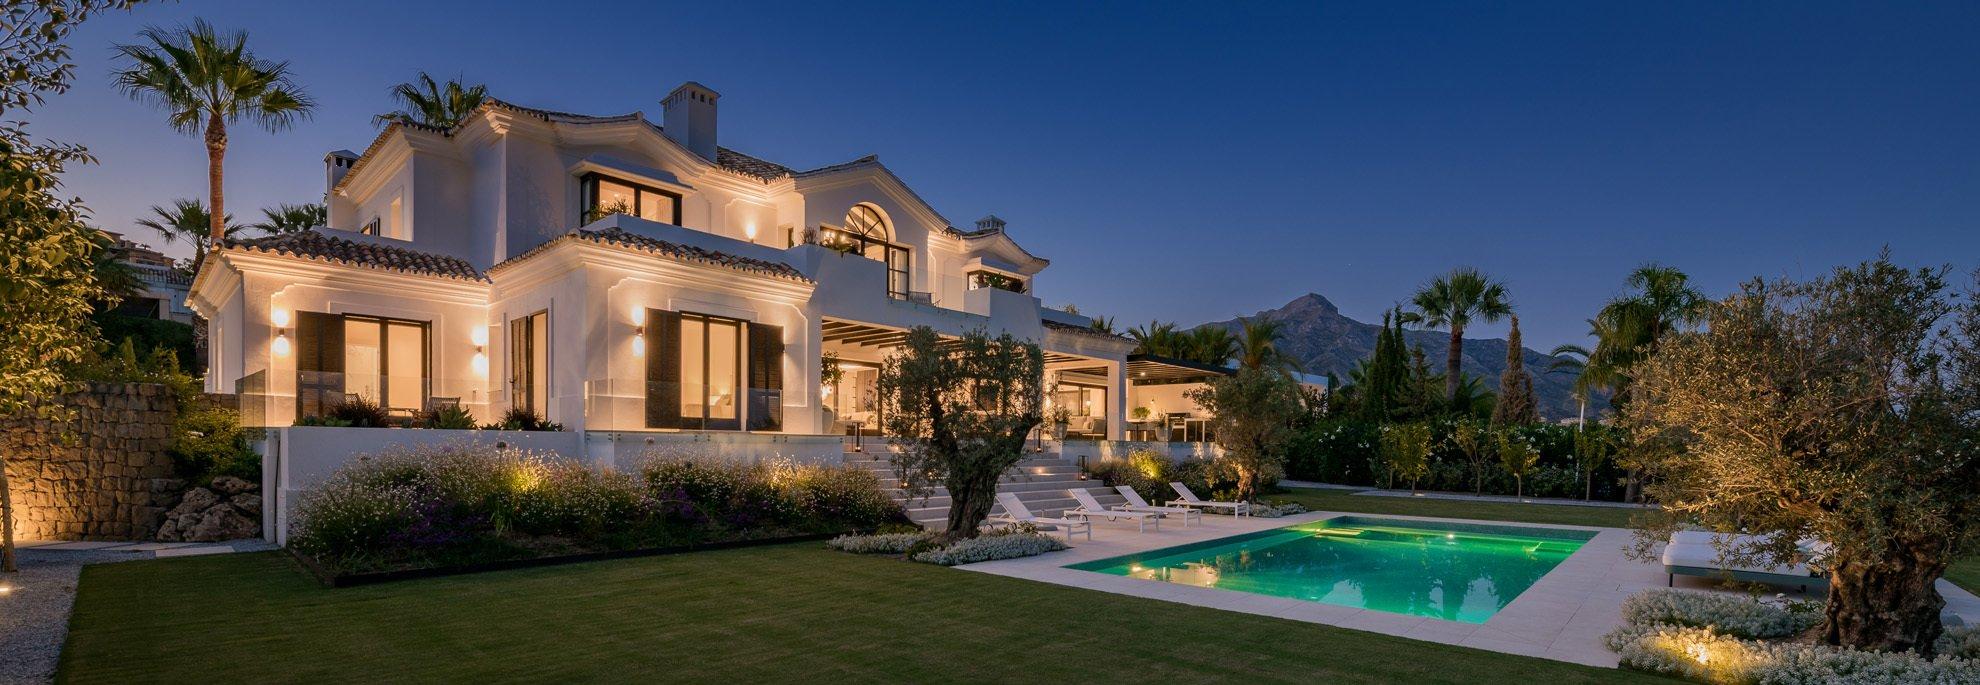 Villa in Nueva Andalucía, Andalusien, Spanien